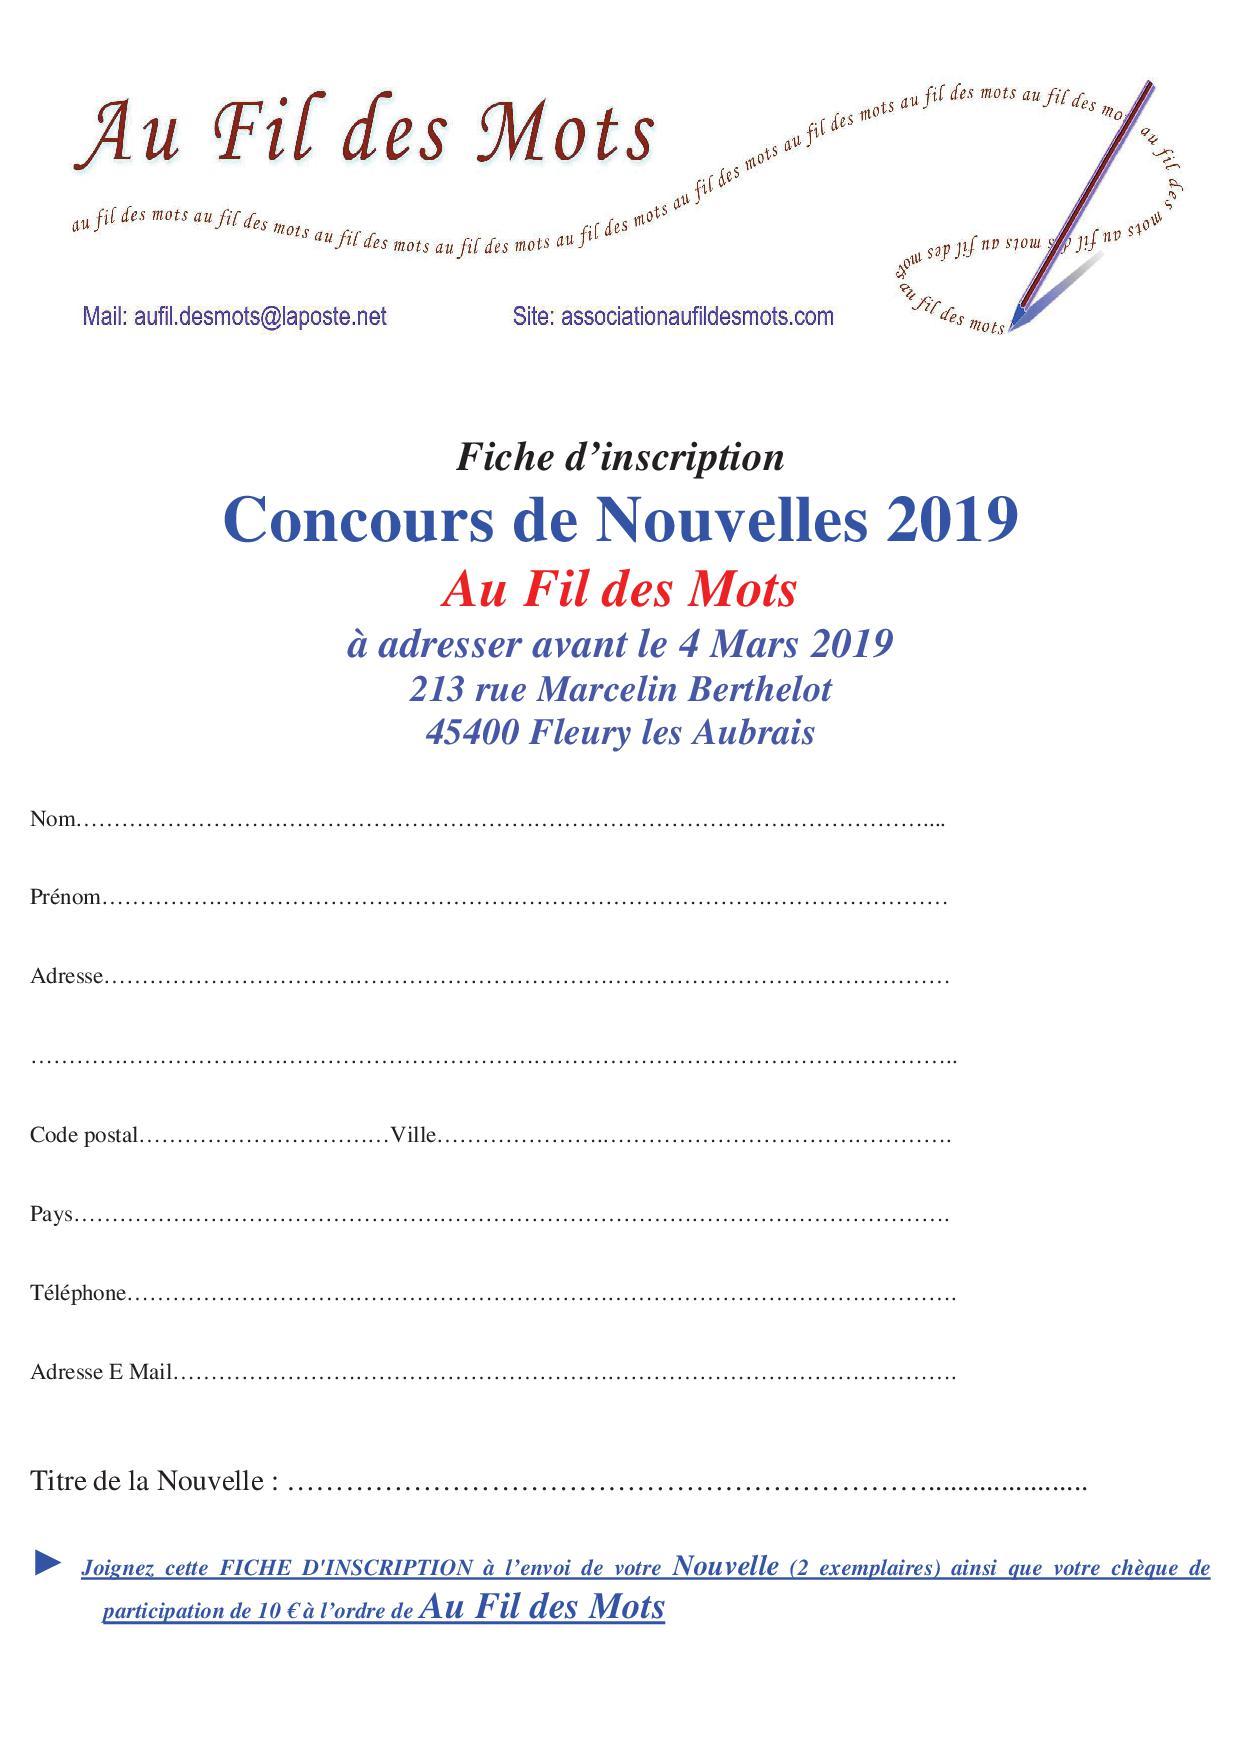 Réglement_Concours_20192.jpg